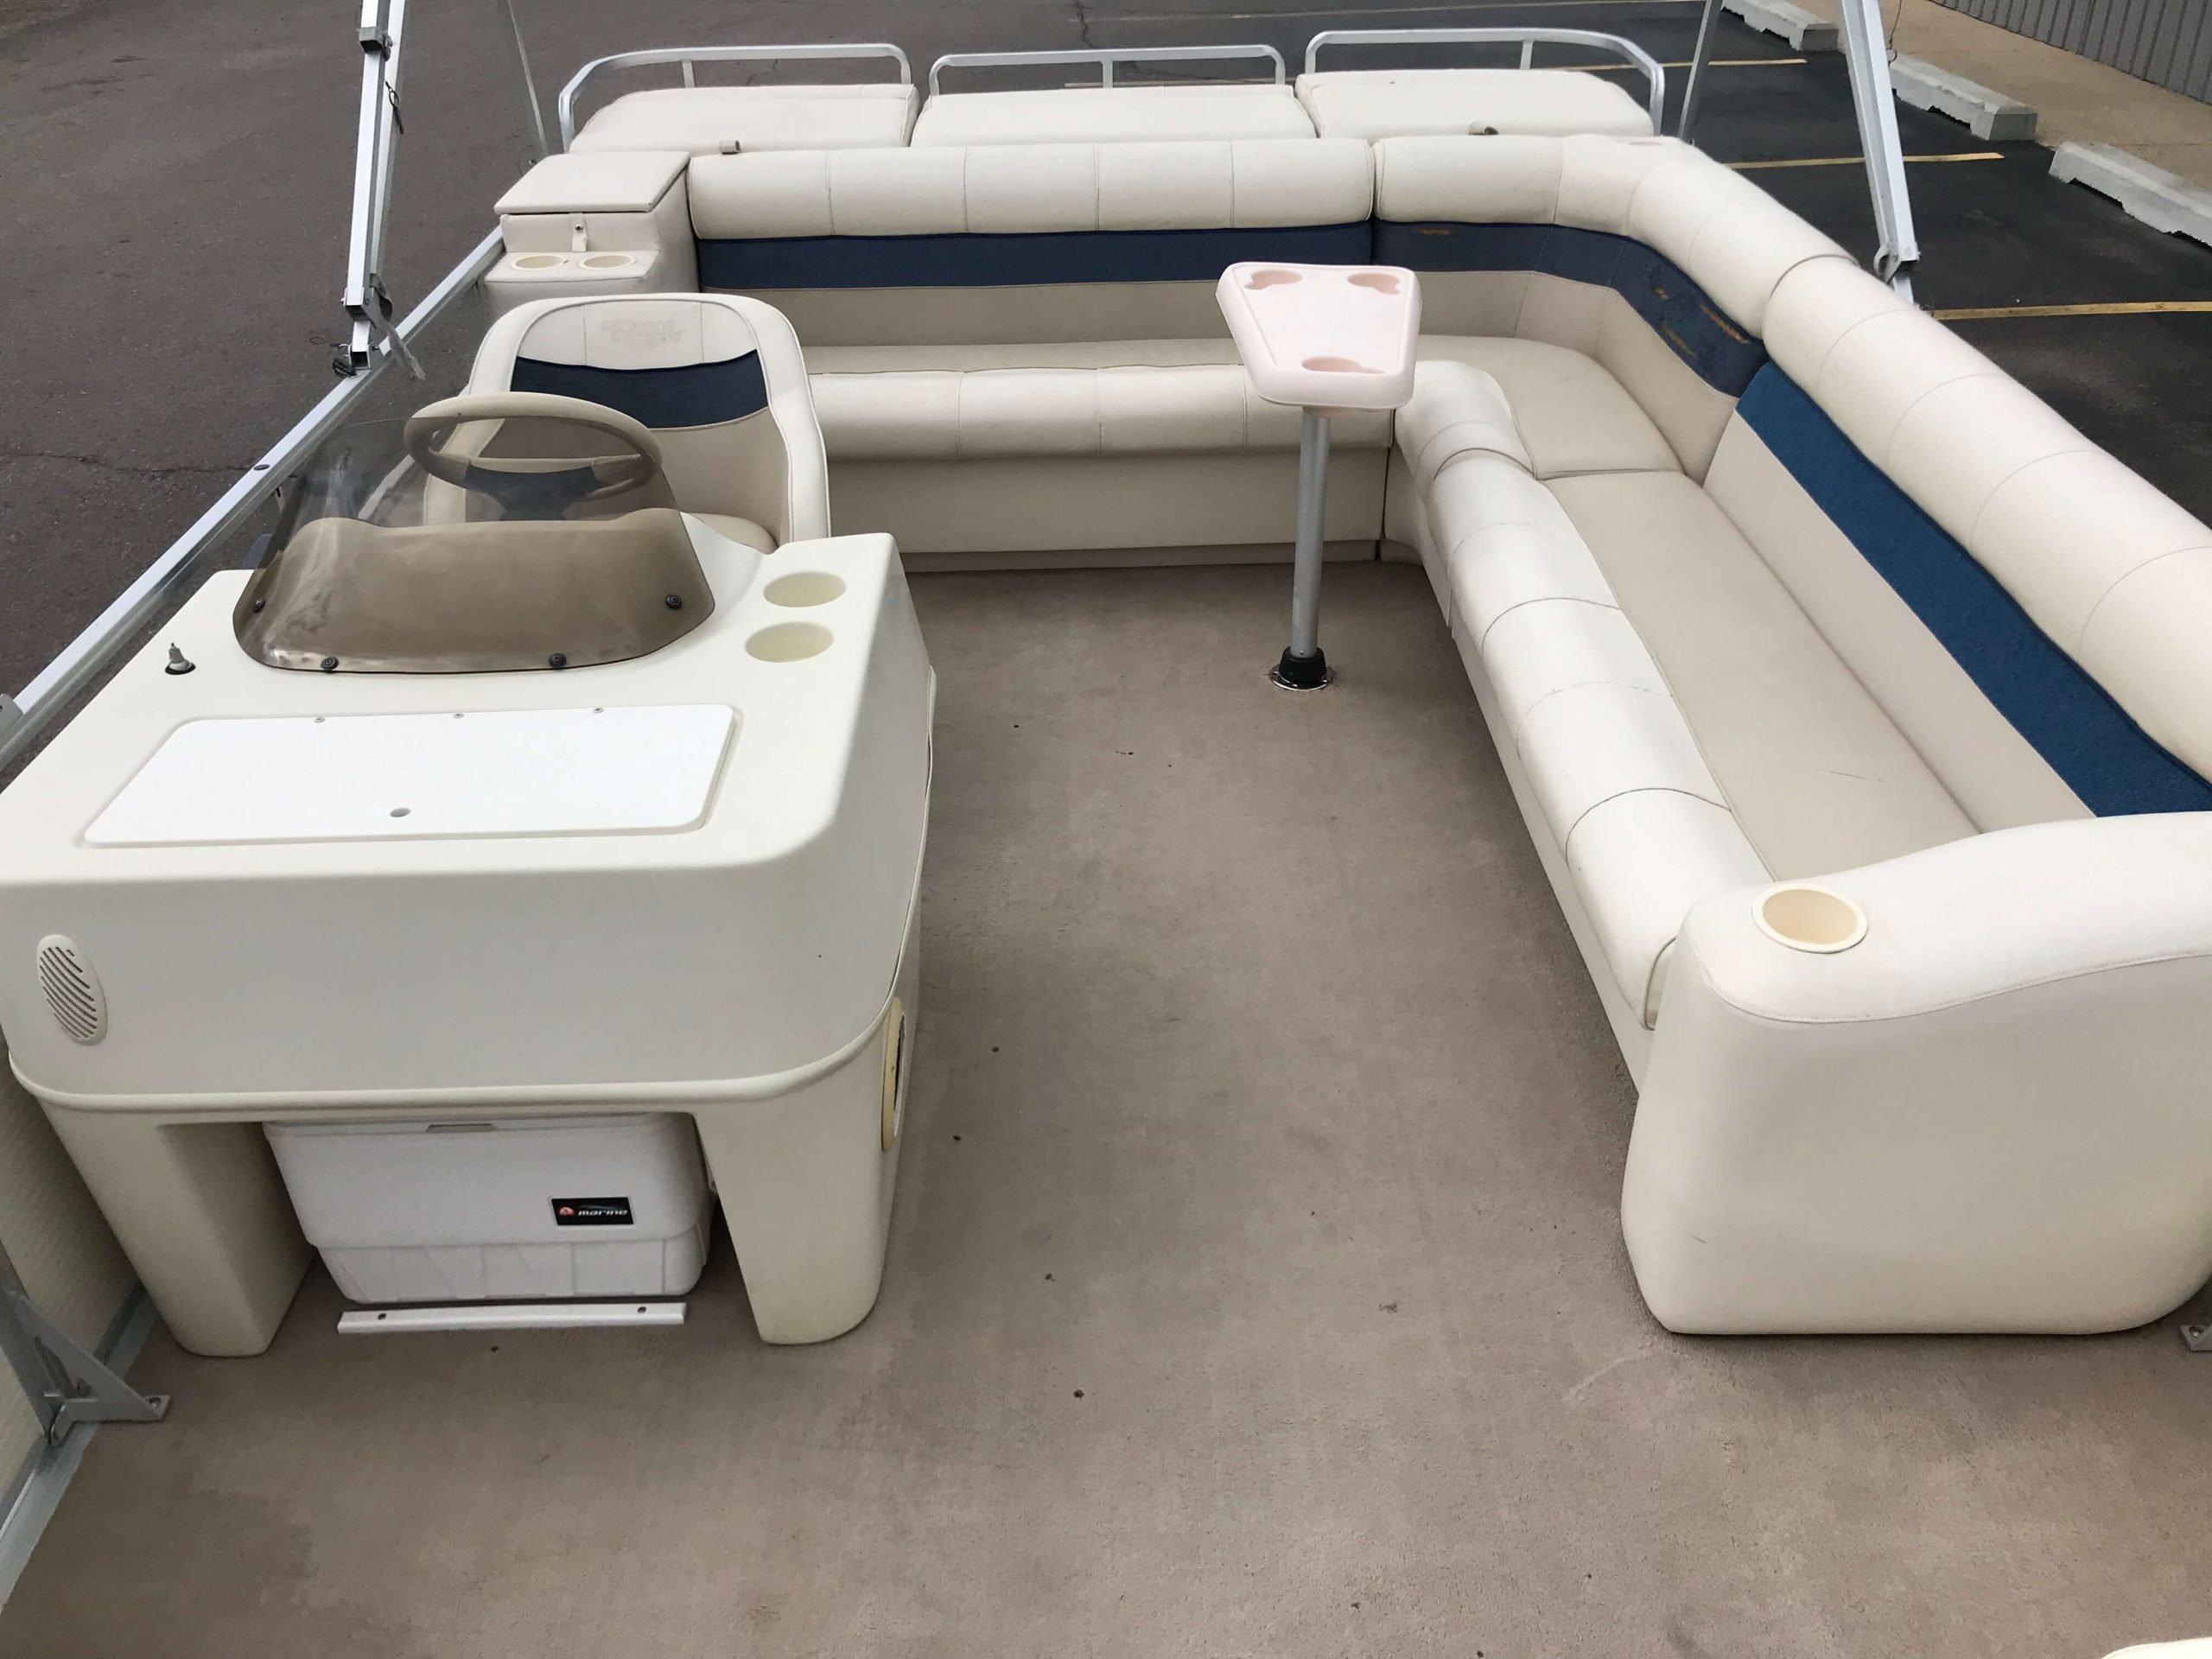 1998 Harris Kayot Skipper XL Pontoon Boat 11